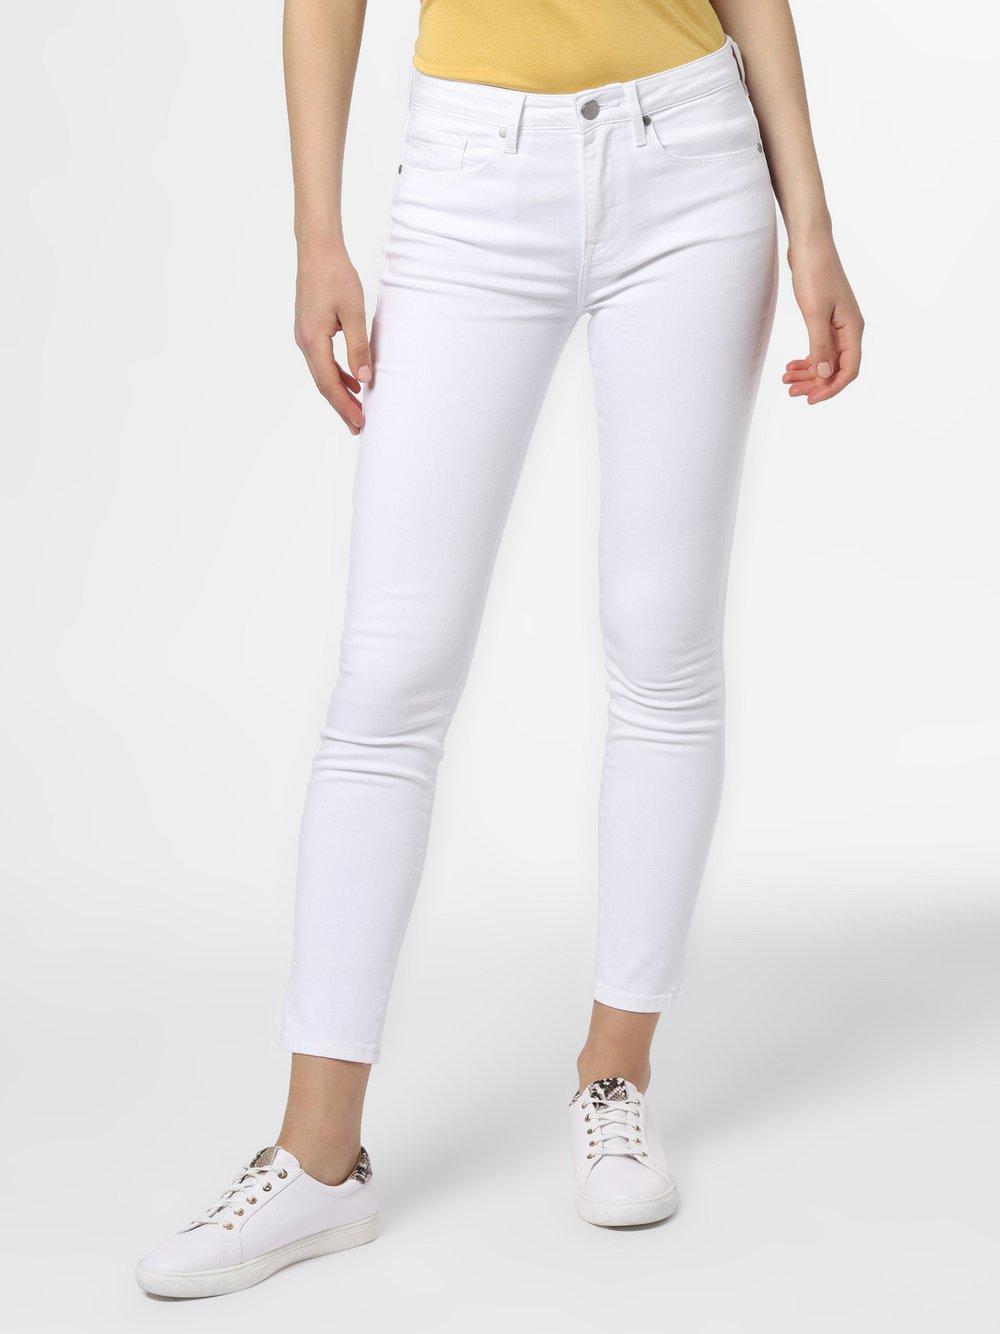 Tommy Hilfiger - Spodnie damskie, biały